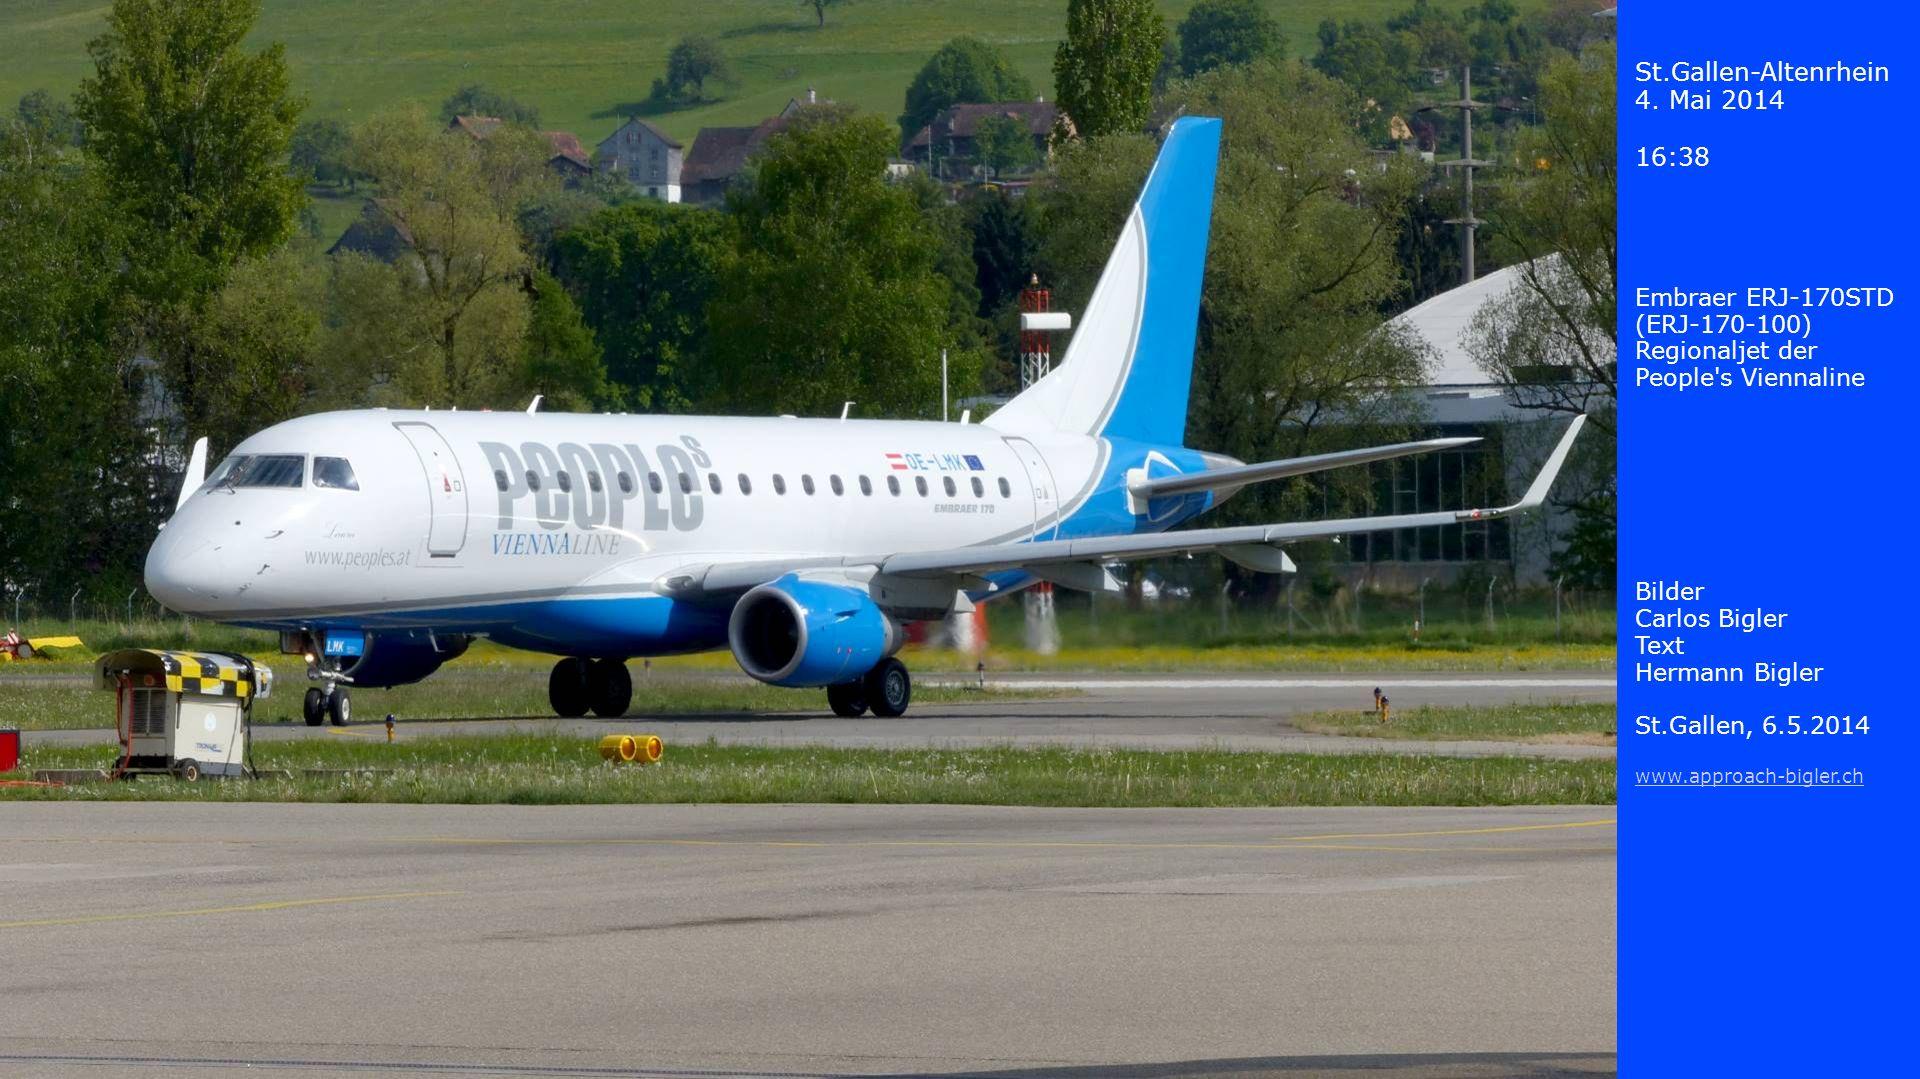 St.Gallen-Altenrhein 4. Mai 2014 16:38 Embraer ERJ-170STD (ERJ-170-100) Regionaljet der People's Viennaline Bilder Carlos Bigler Text Hermann Bigler S